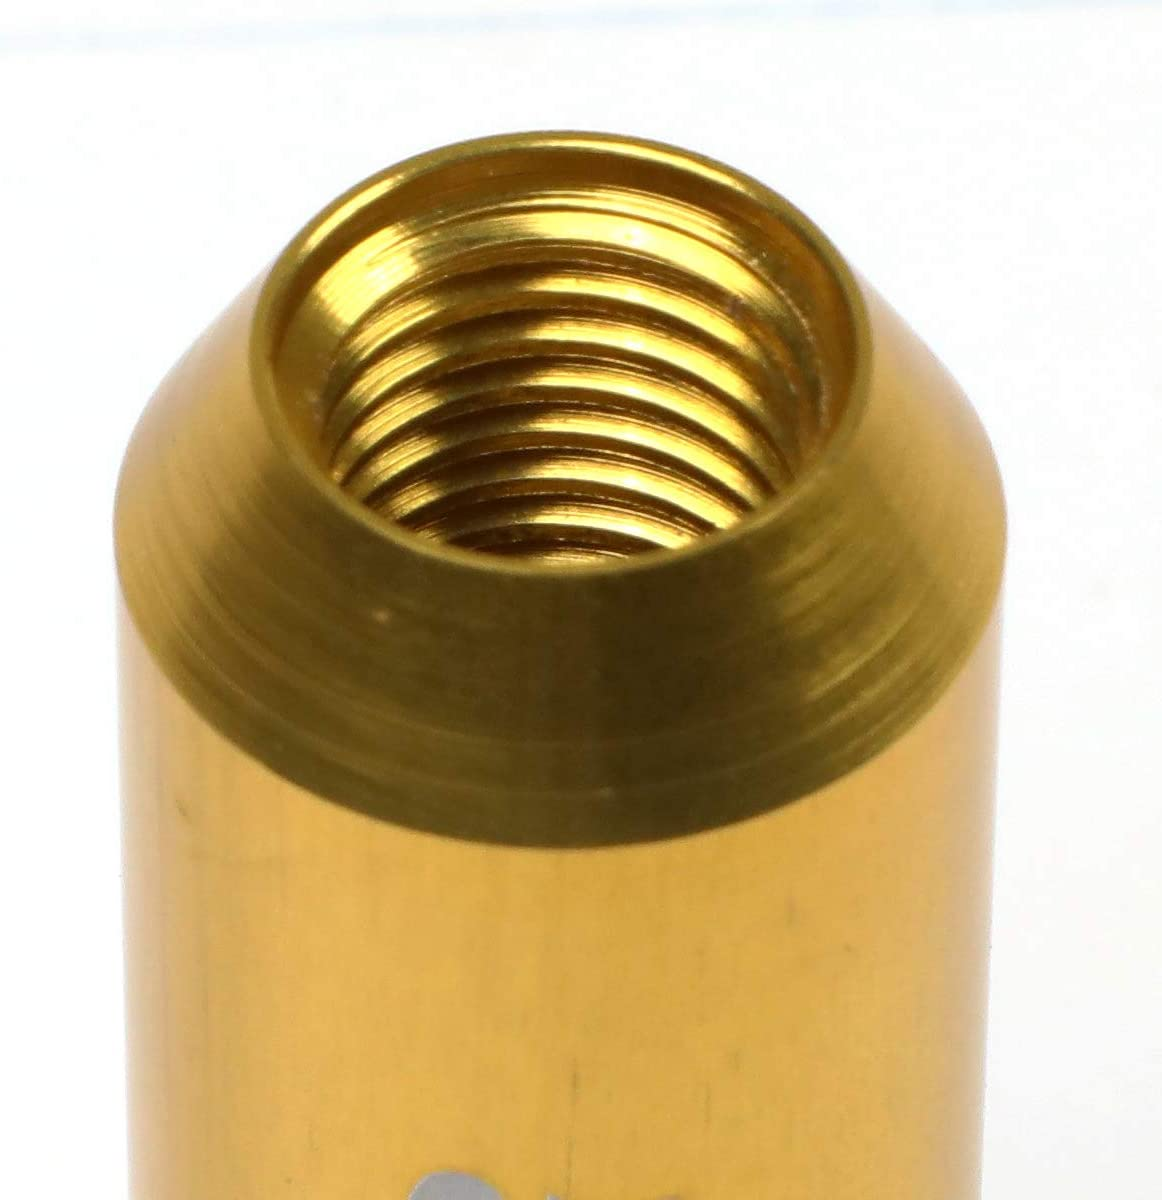 J2 Engineering LN-T7-003-15-SL Silver 7075 Aluminum M12X1.5 20Pcs L 60mm Open End Lug Nut w//Socket Adapter